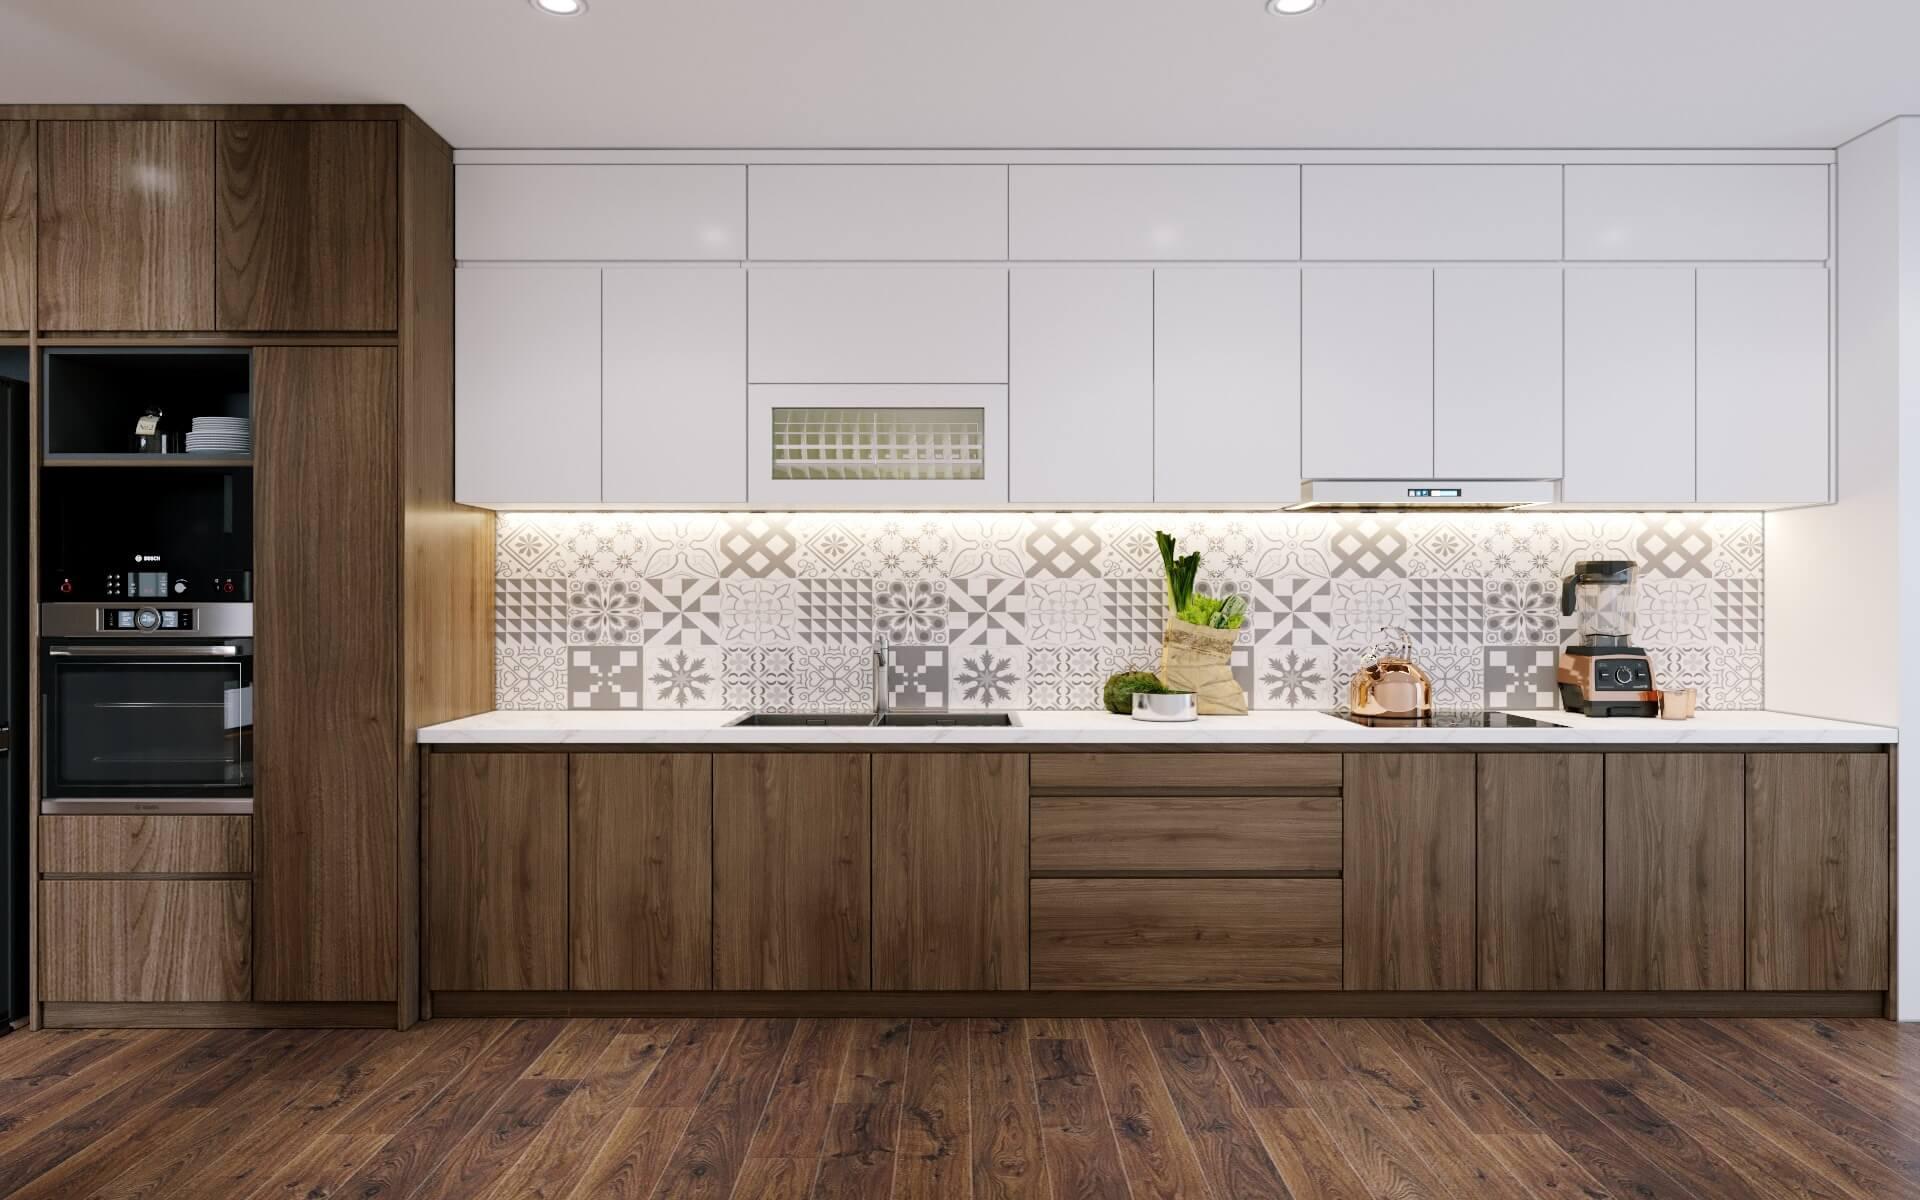 Thiết kế tủ bếp với sự kết hợp gỗ công nghiệp và gỗ tự nhiên